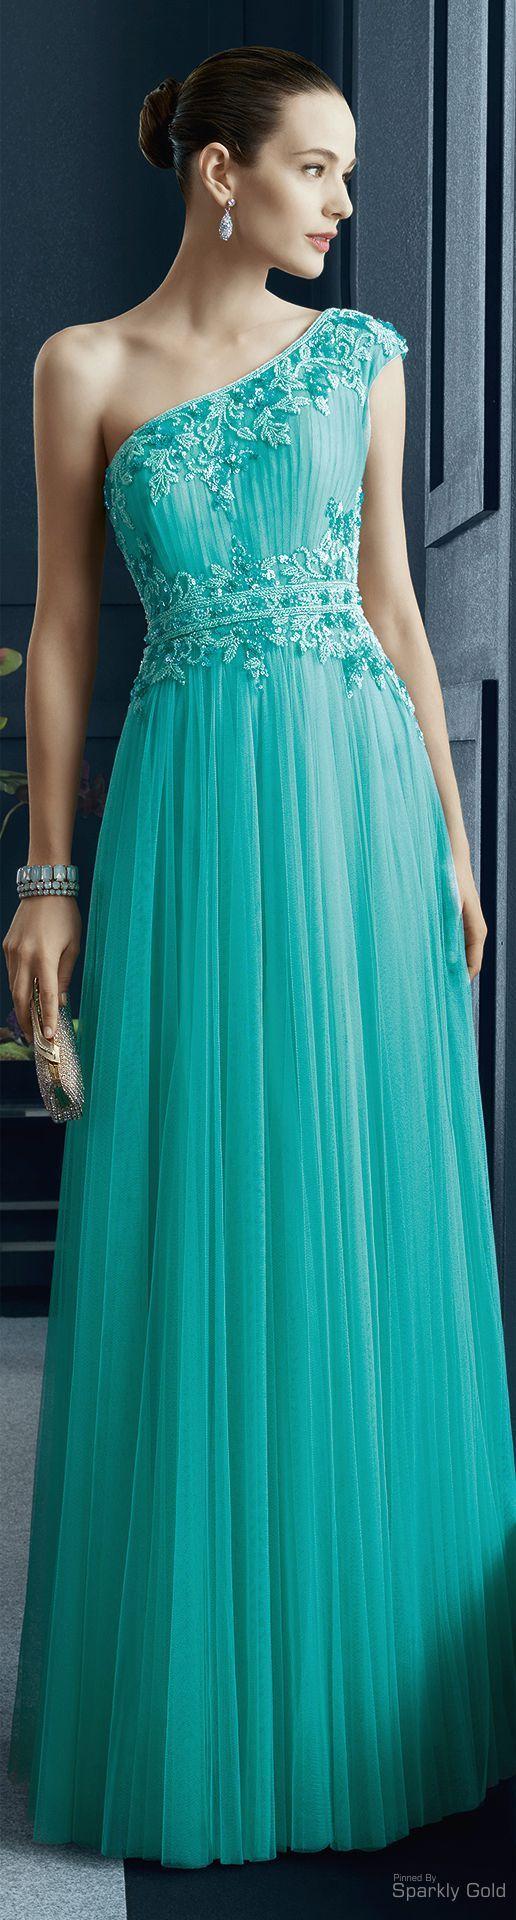 Pin by Diana Rozon on Dresses | Pinterest | Tiffany blue, Tiffany ...